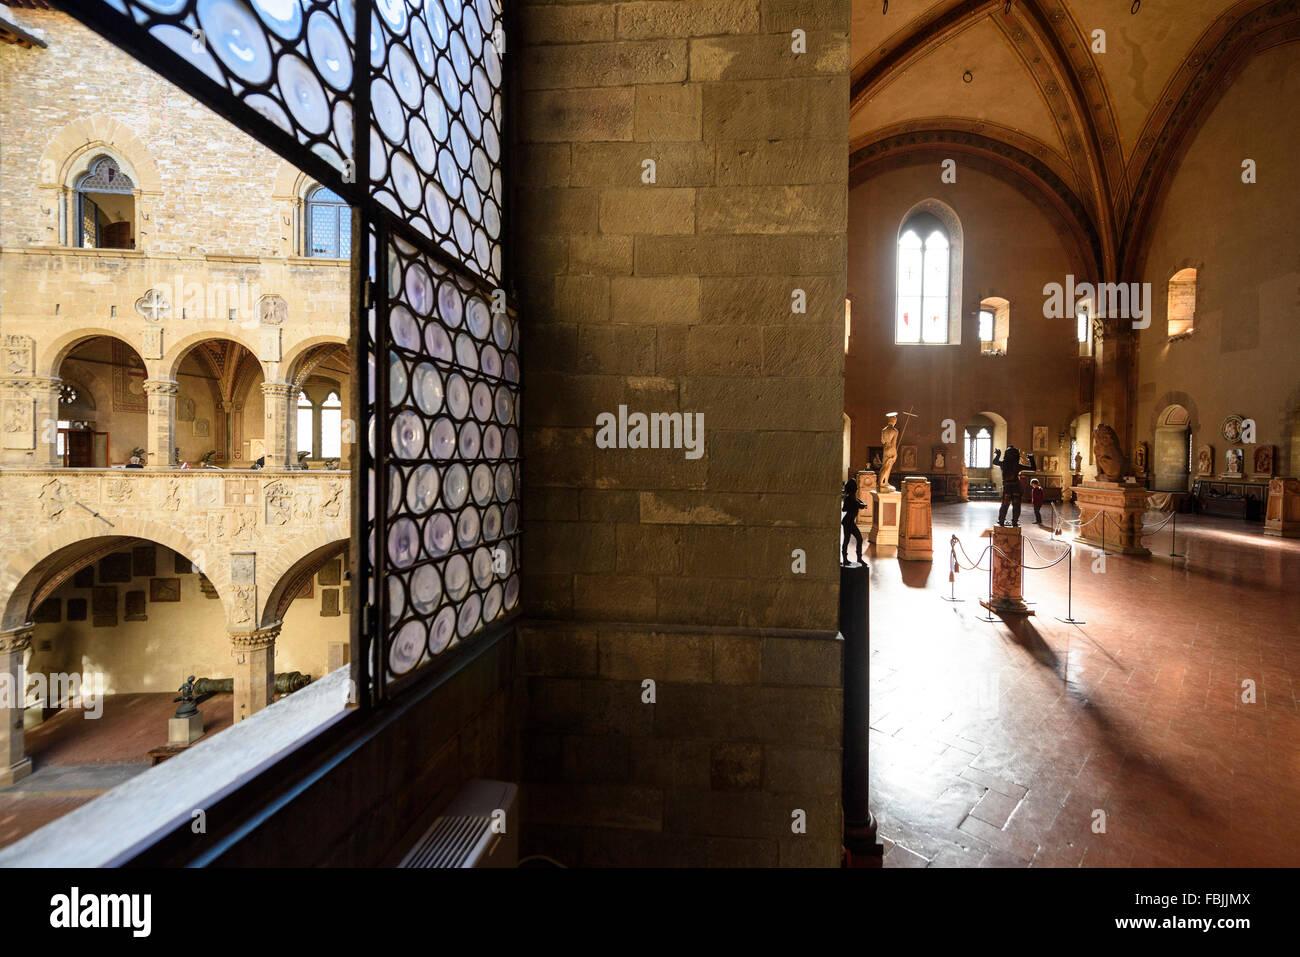 Florence. Italy. Courtyard and Salone di Donatello, Museo Nazionale del Bargello. - Stock Image